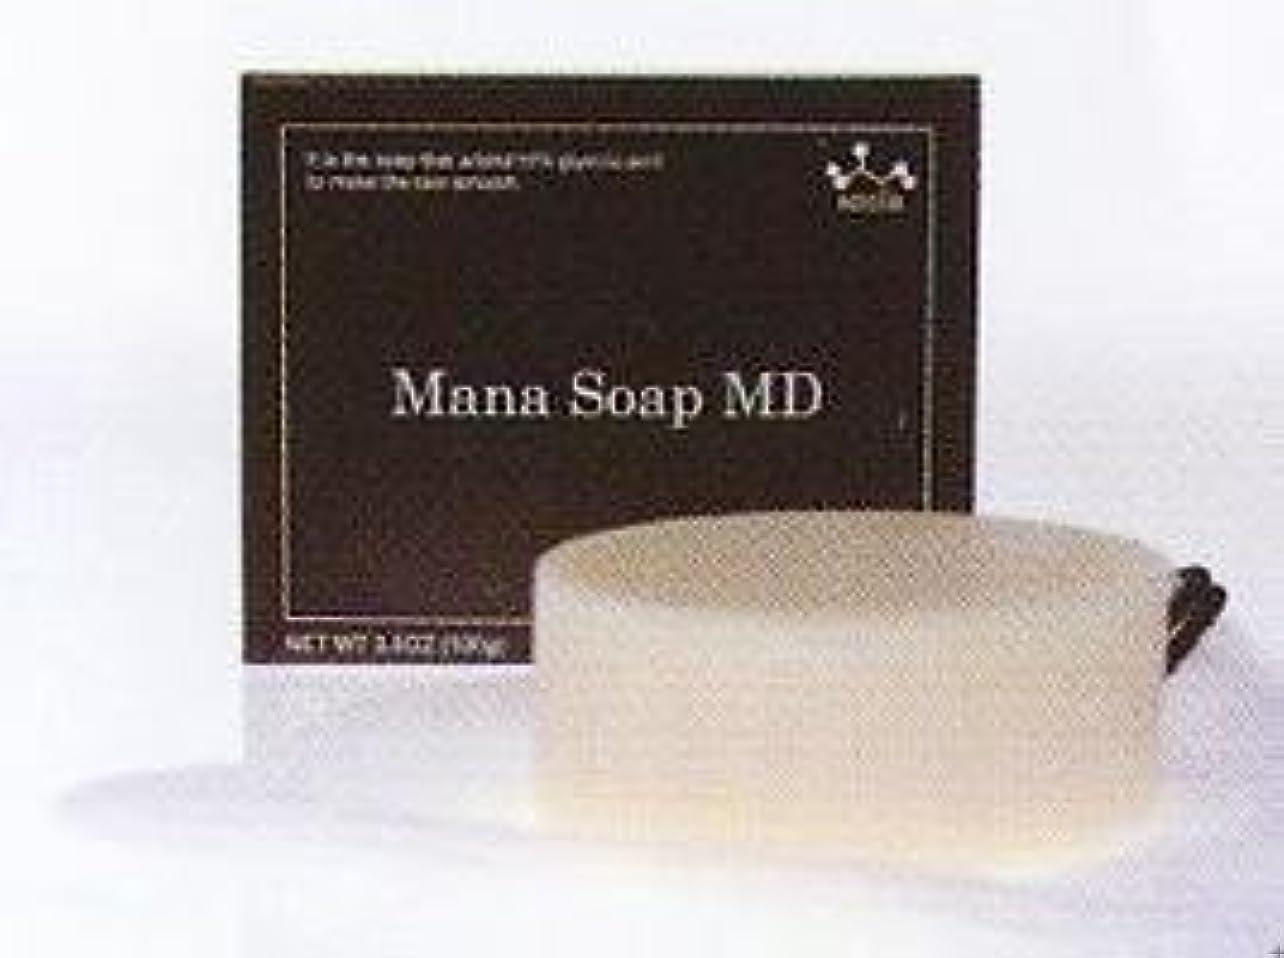 ベーシック美しいチーム【ニキビ?乾燥?敏感】マナソープMD10 乾燥するけどニキビができるという方におすすめ! プラセンタ配合の無添加ピーリング石鹸 (10%)